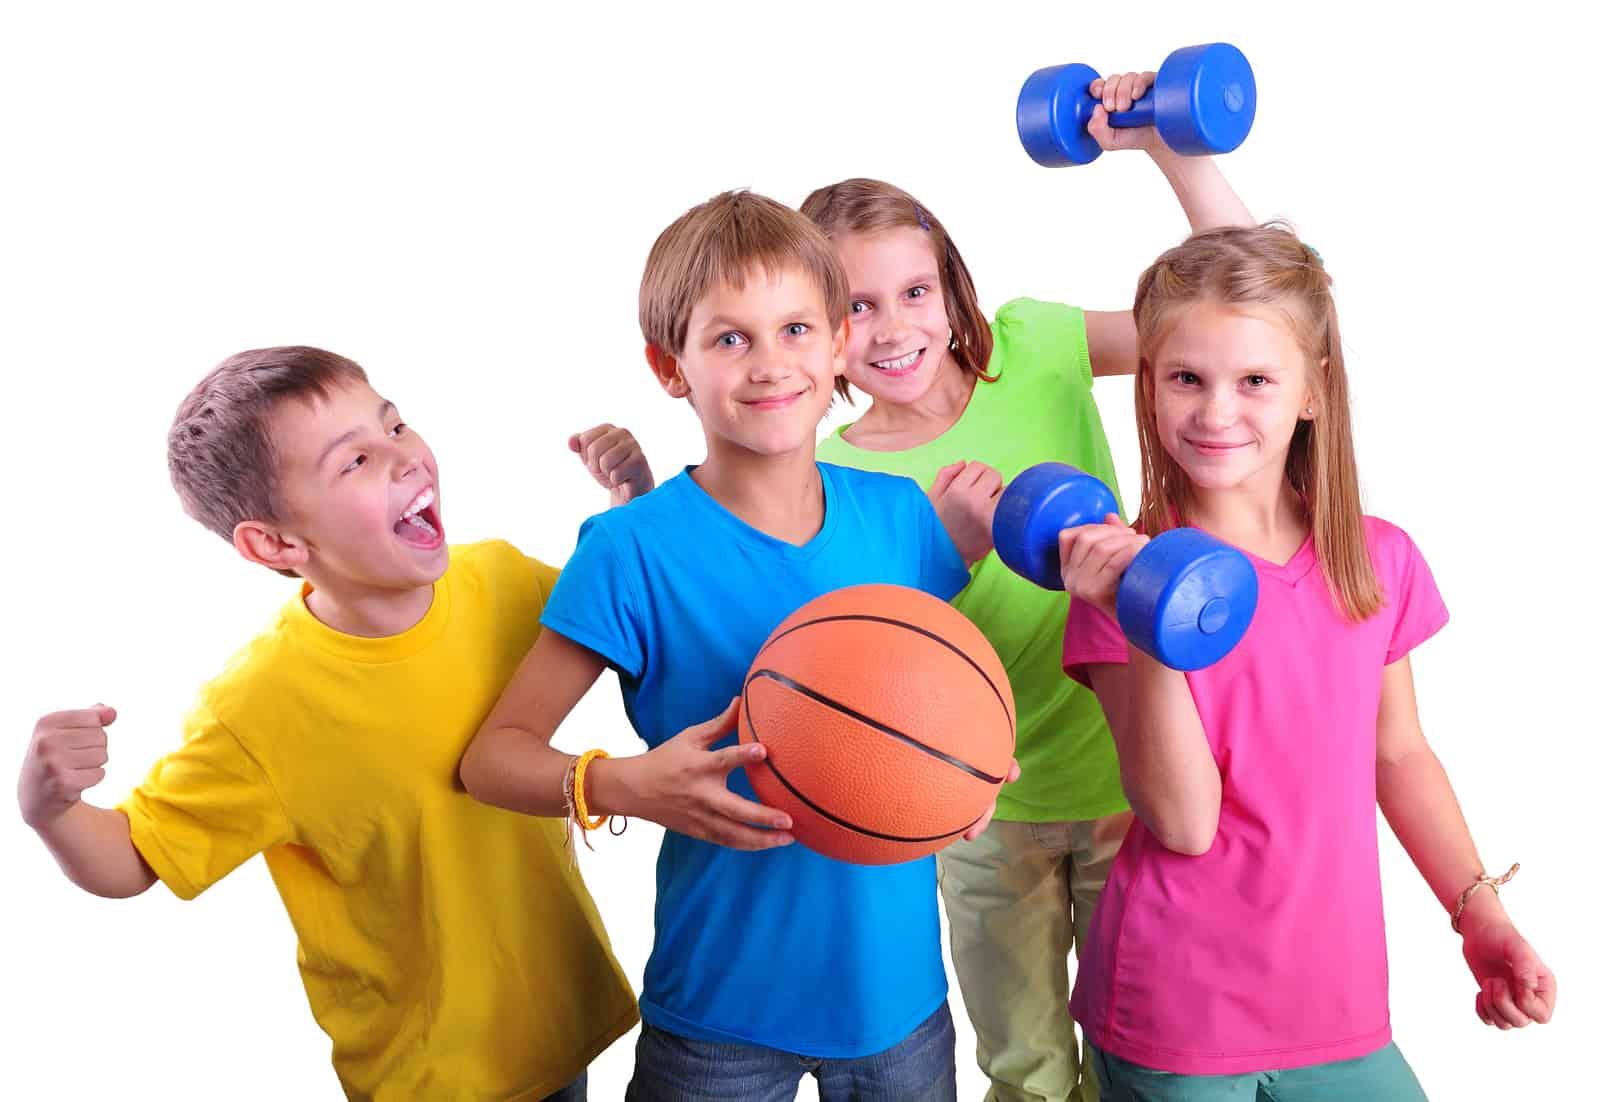 أهمية الغذاء الصحي لدى الأطفال الرياضيين